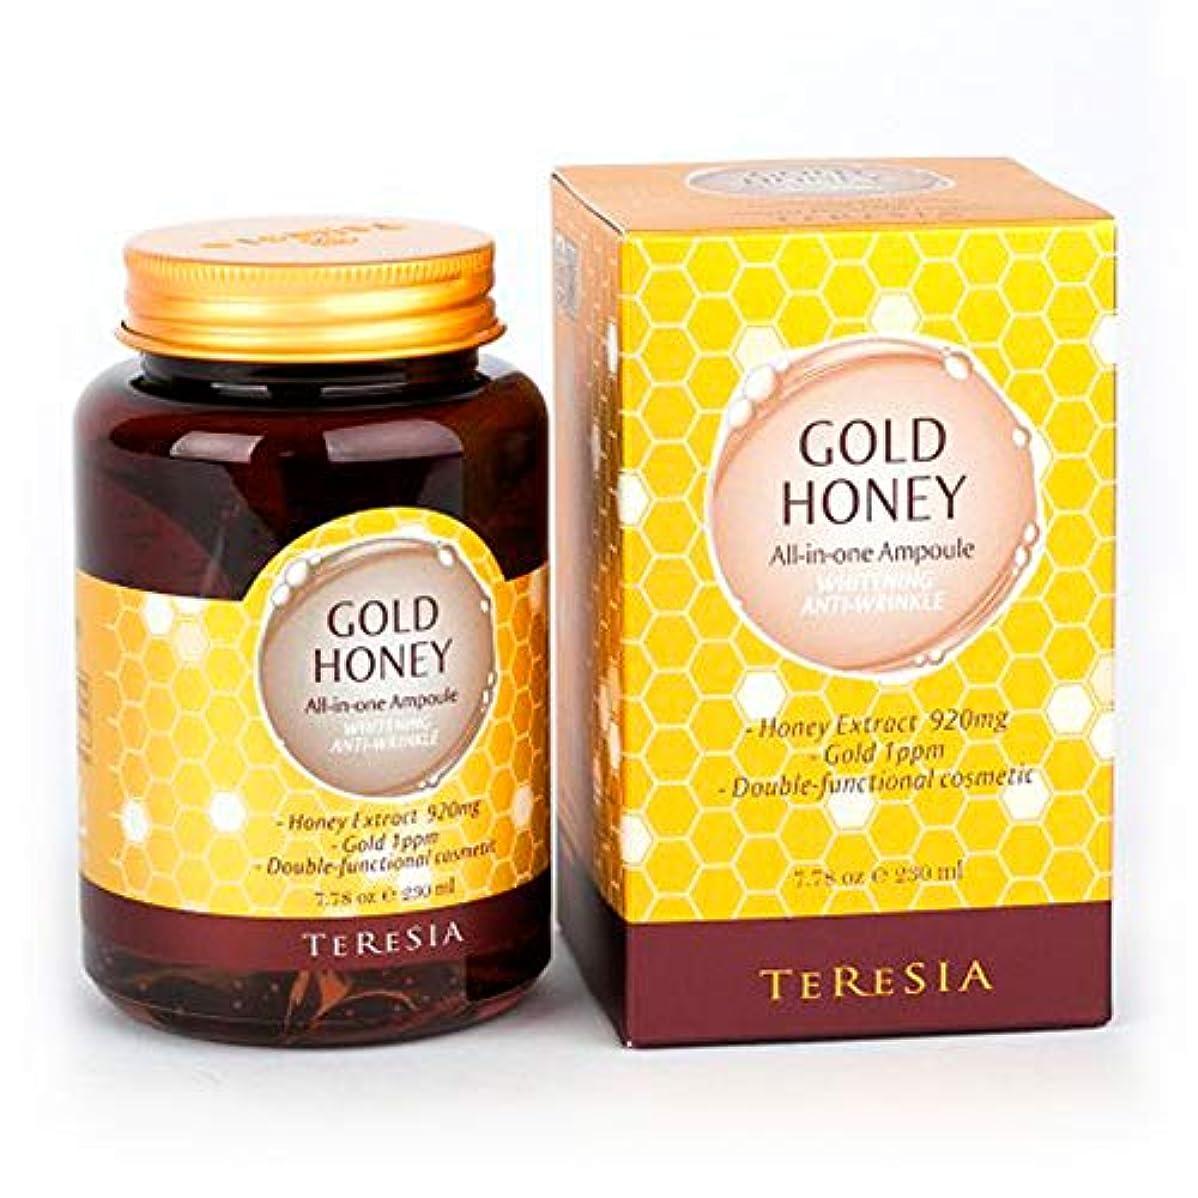 のれん多数の楽な[(テルシア)TERESIA] テルシア·ゴールドハニー大容量 230ml オールインワン·アンプル シワ,美白二重機能性化粧品